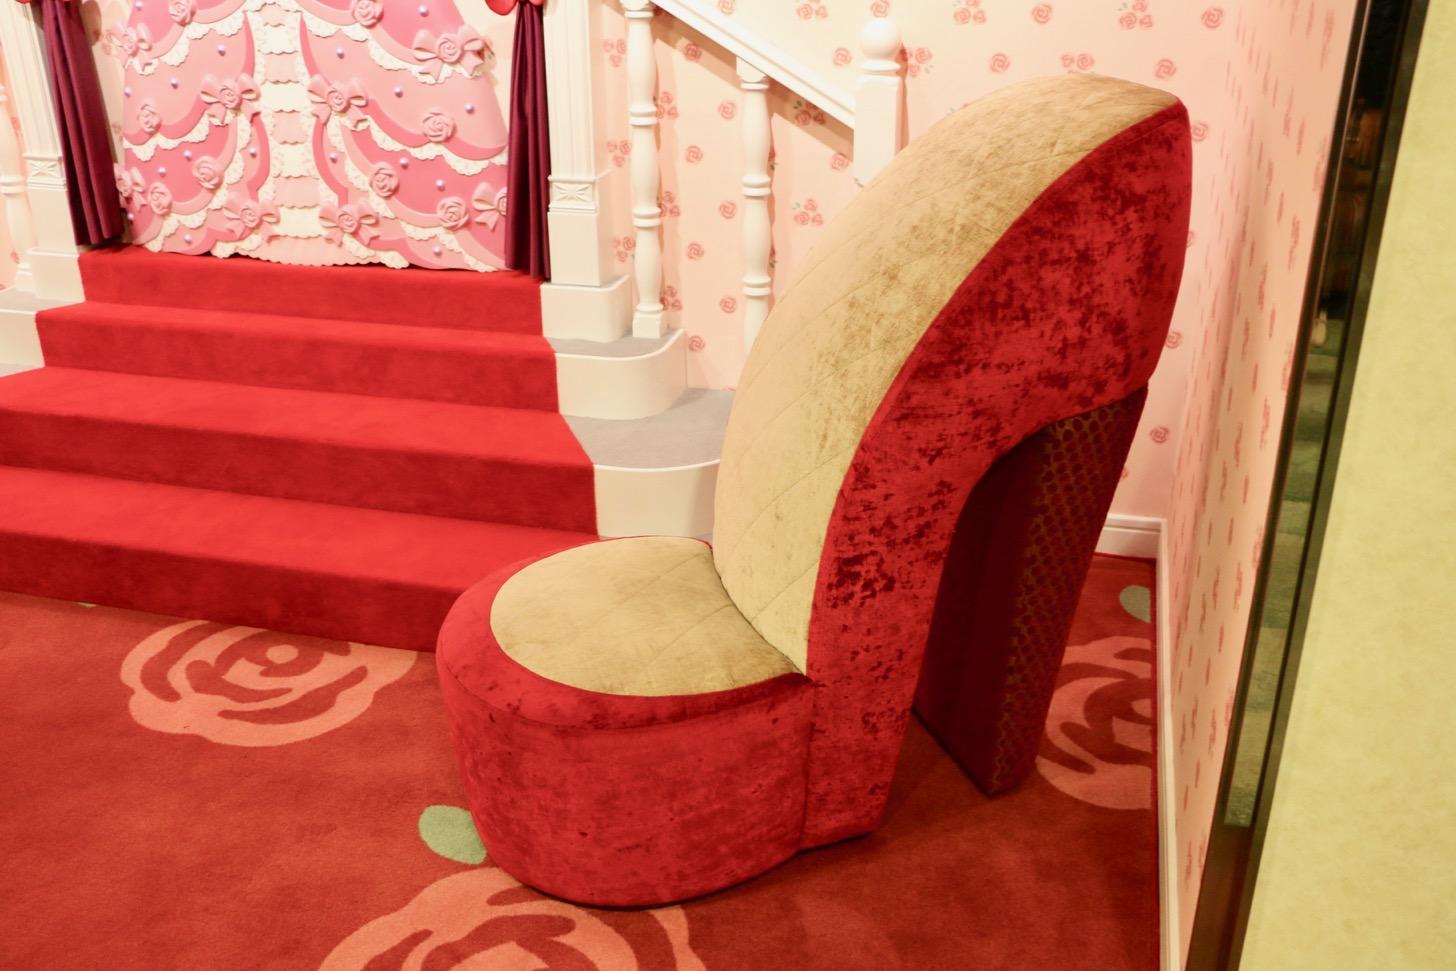 階段の前には幸せを呼ぶジンクスのあるある「右足」のハイヒールチェアを配置